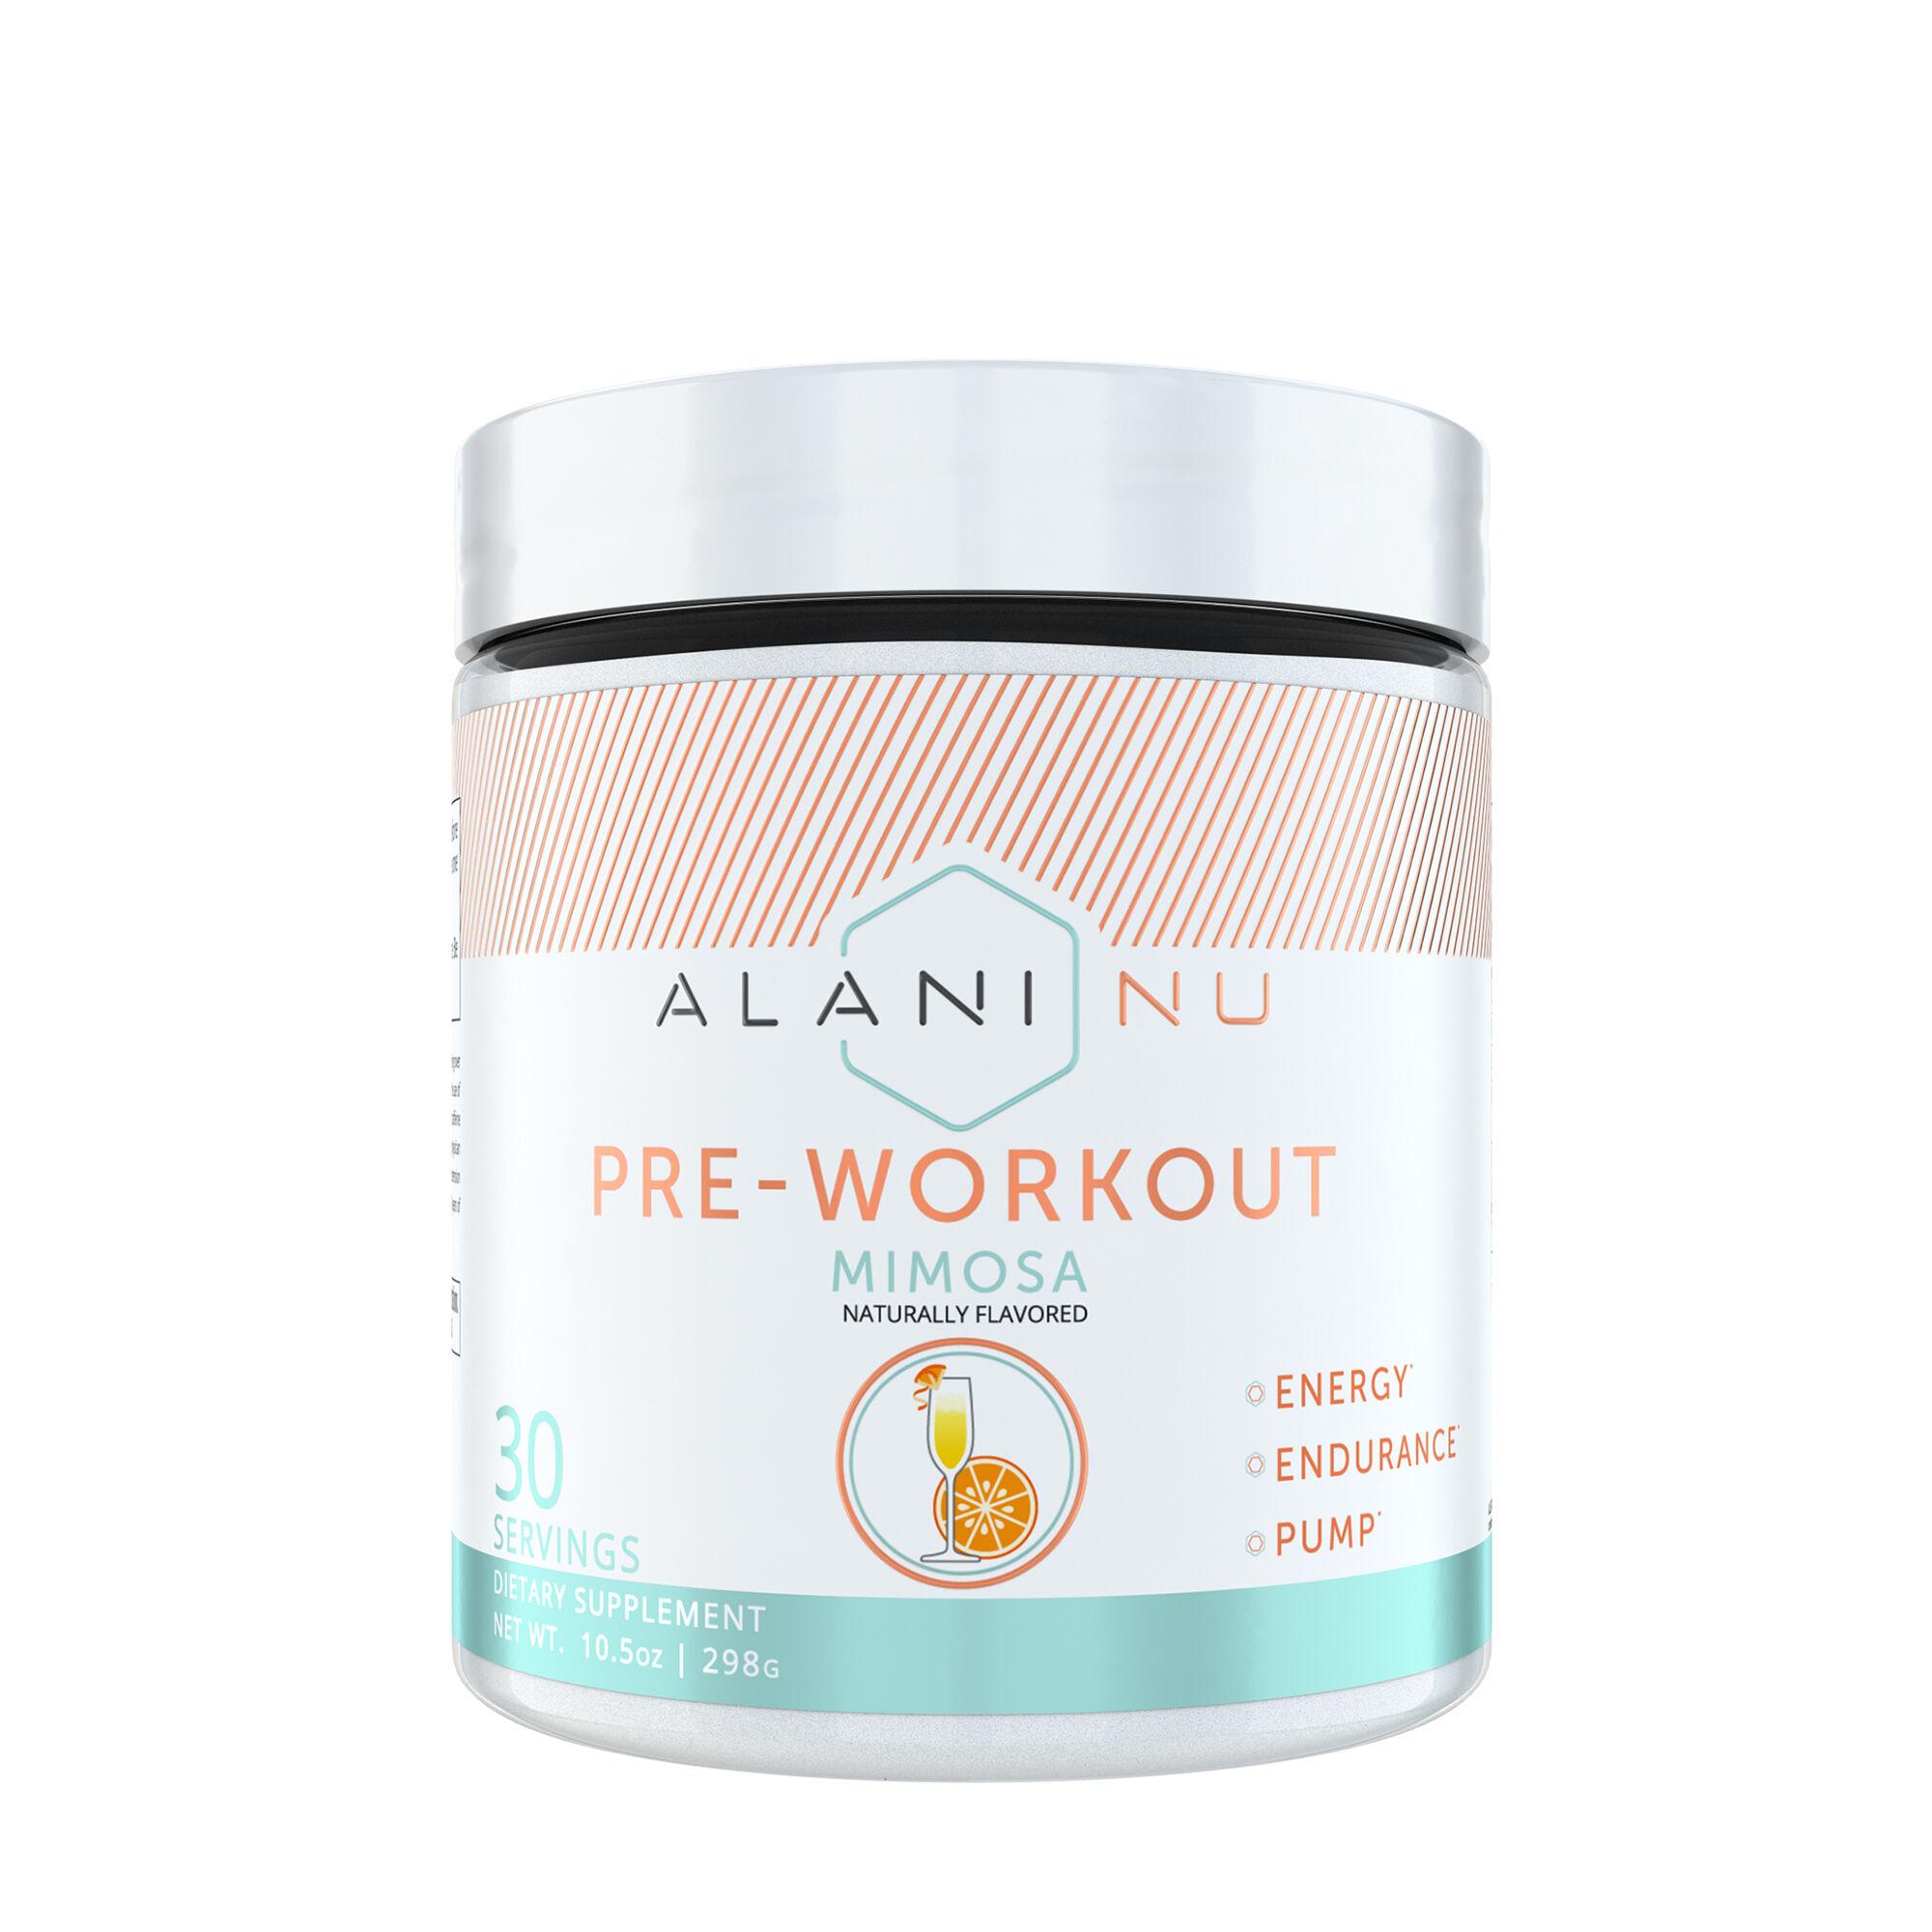 Alani Nu Pre-Workout